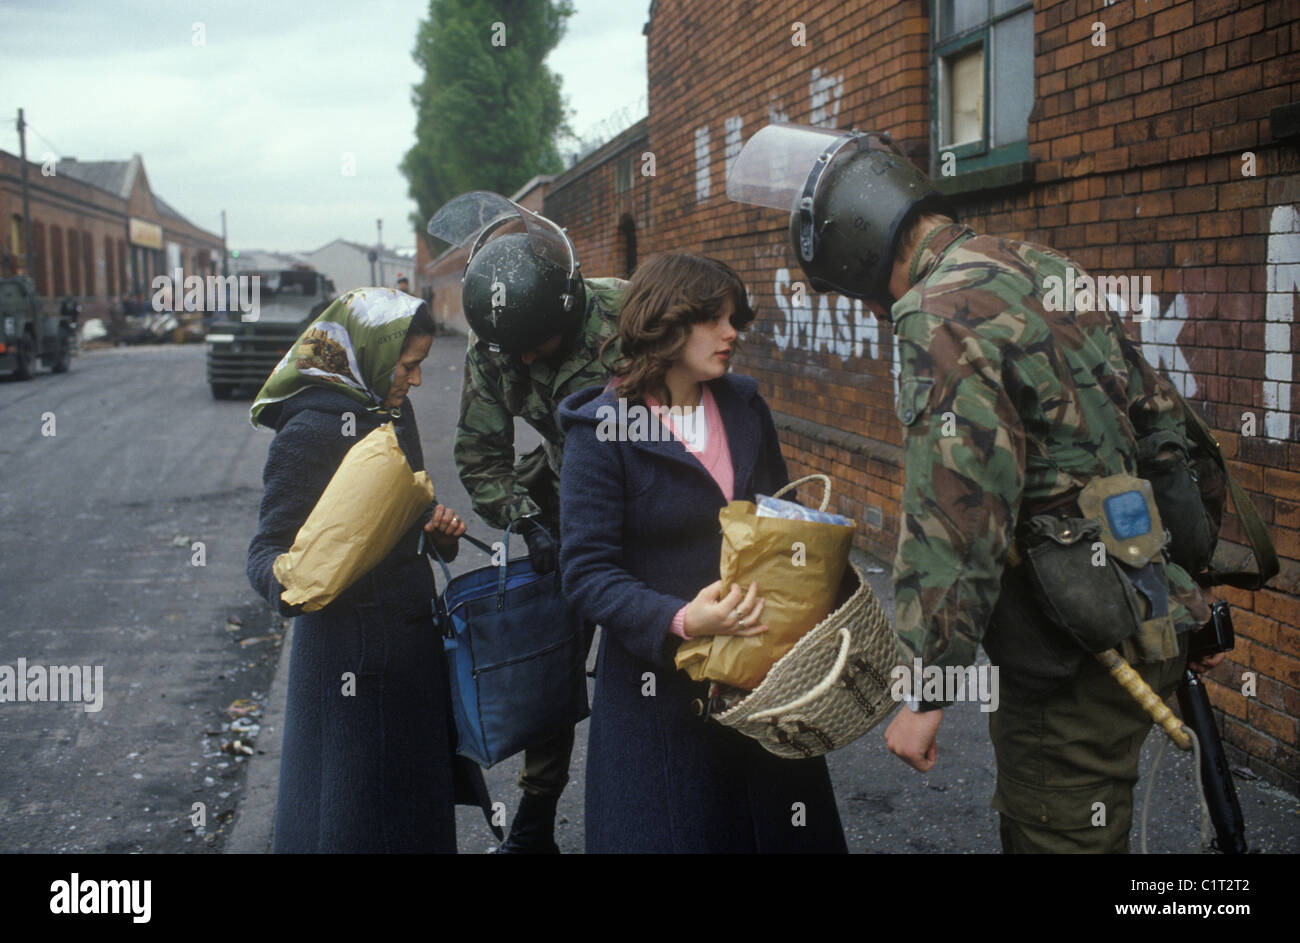 Los disturbios de Belfast. 1980. Los soldados británicos detener y buscar una mujer y su hija. HOMER SYKES Imagen De Stock